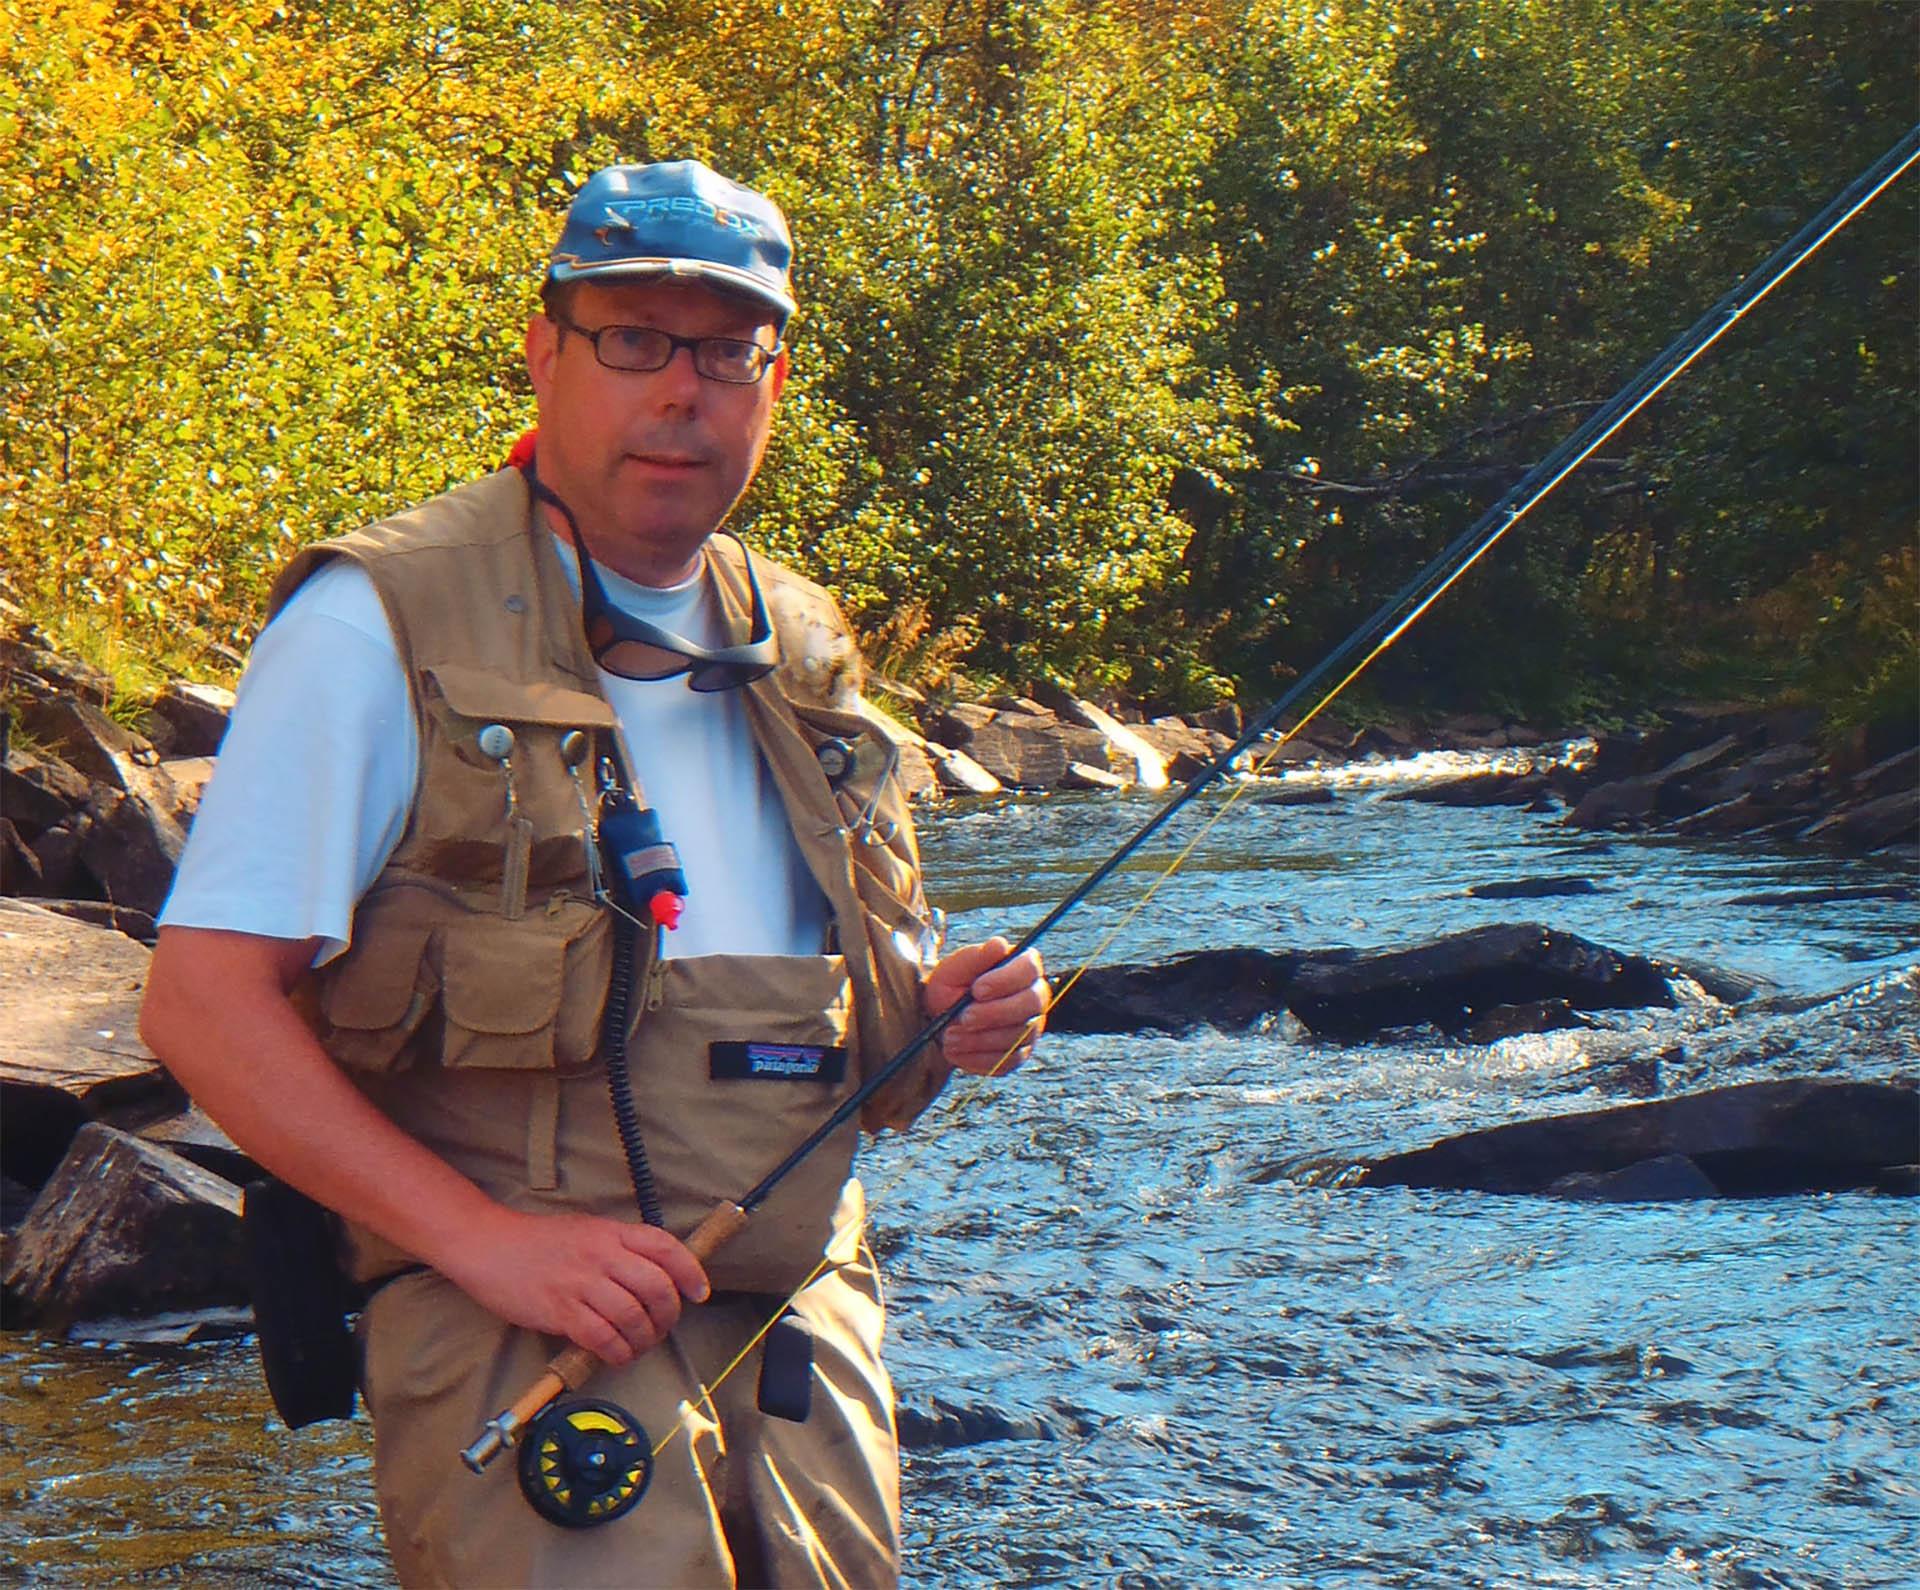 Visgids Paul met hengel in een rivier in Noorwegen